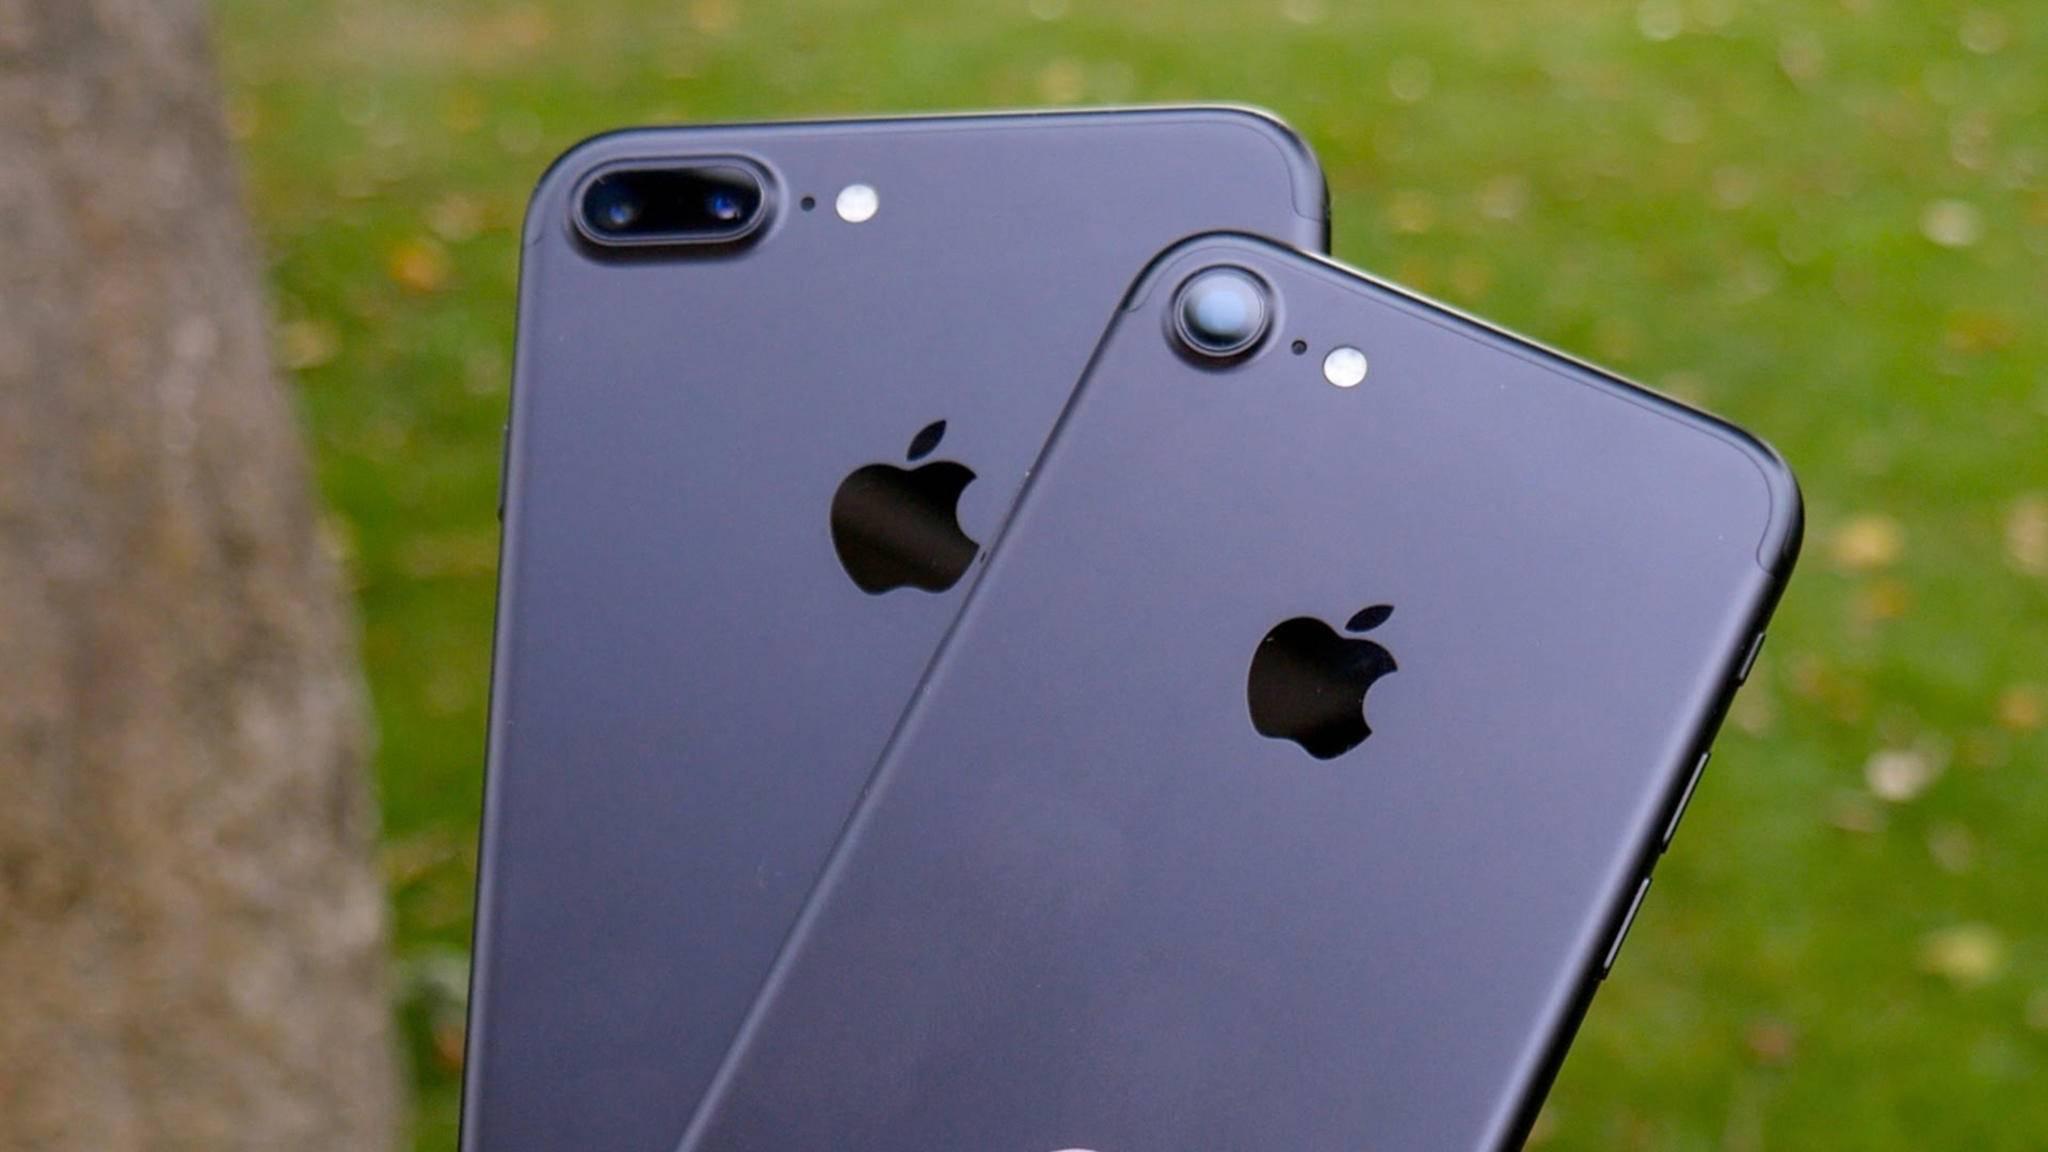 Zieht besonders Wechselwillige aus dem Android-Lager an: das iPhone 7.